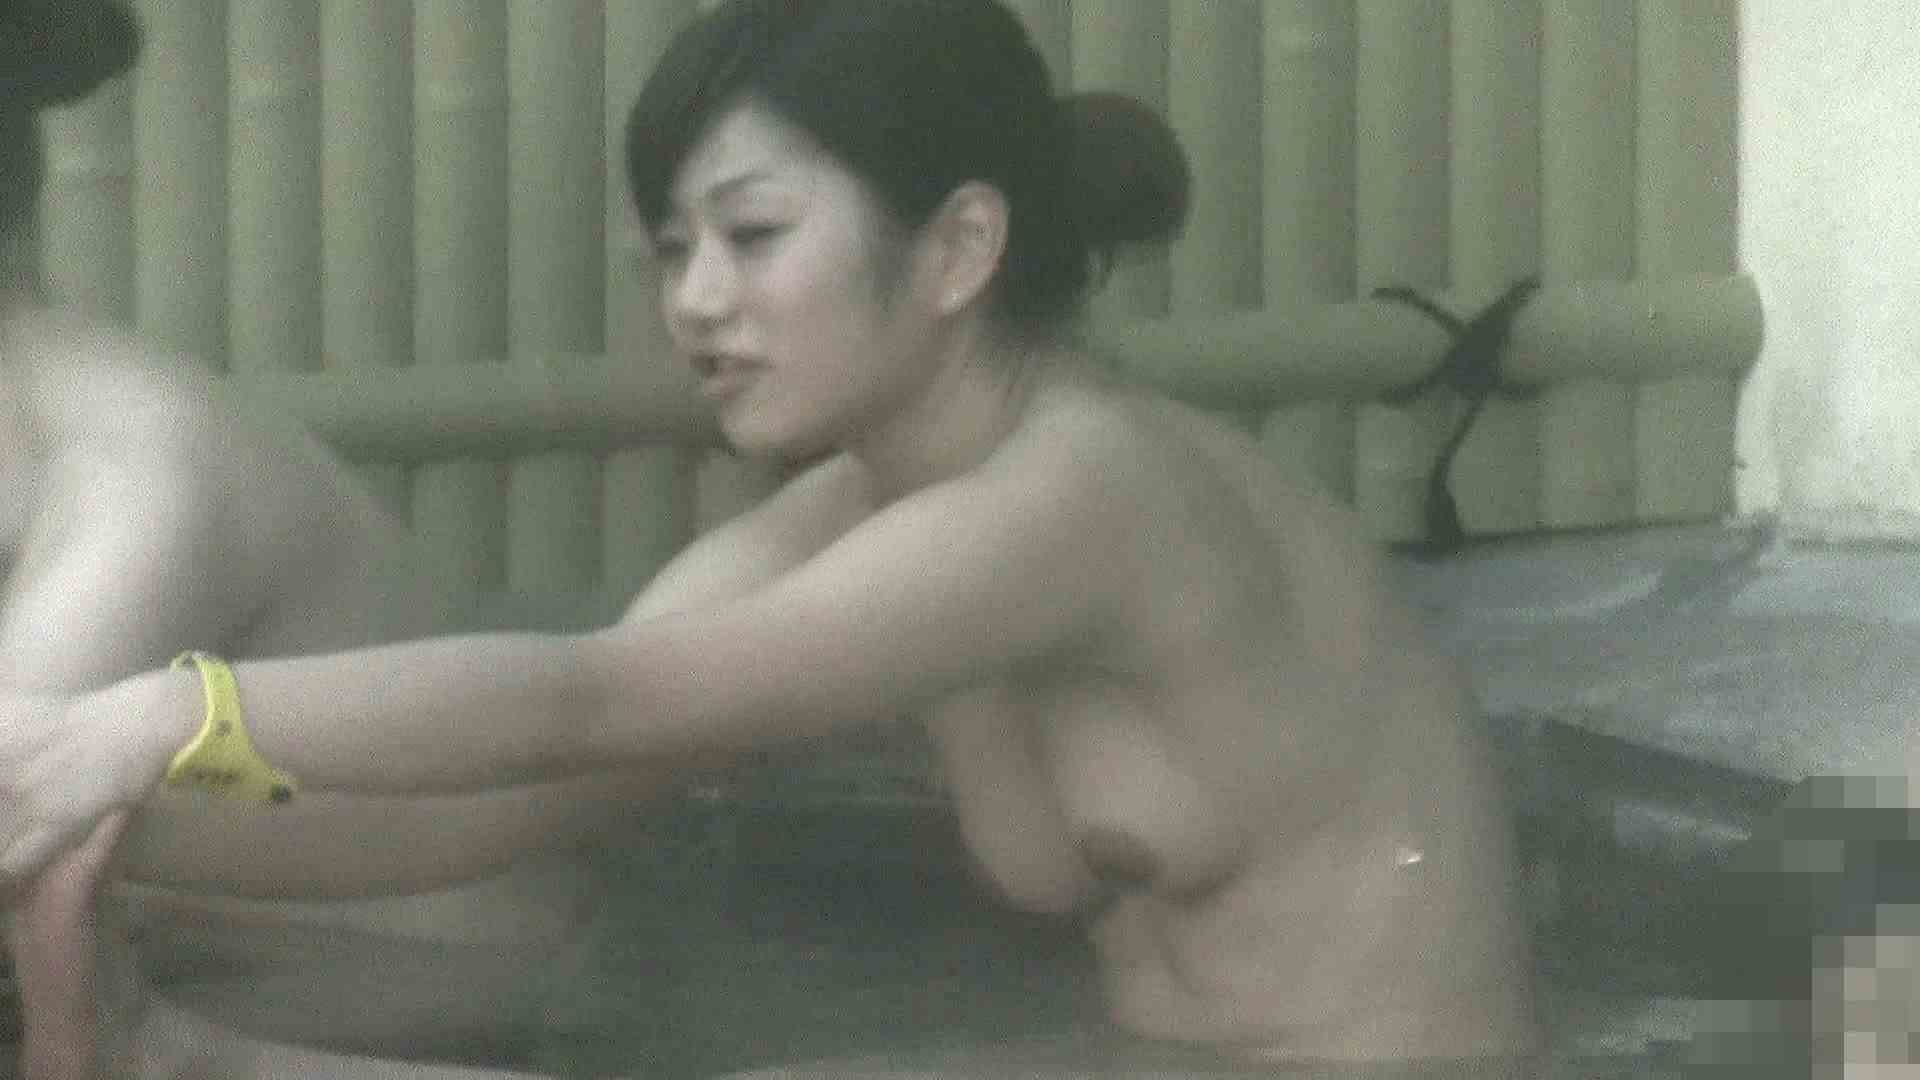 Aquaな露天風呂Vol.206 露天風呂 われめAV動画紹介 87連発 20